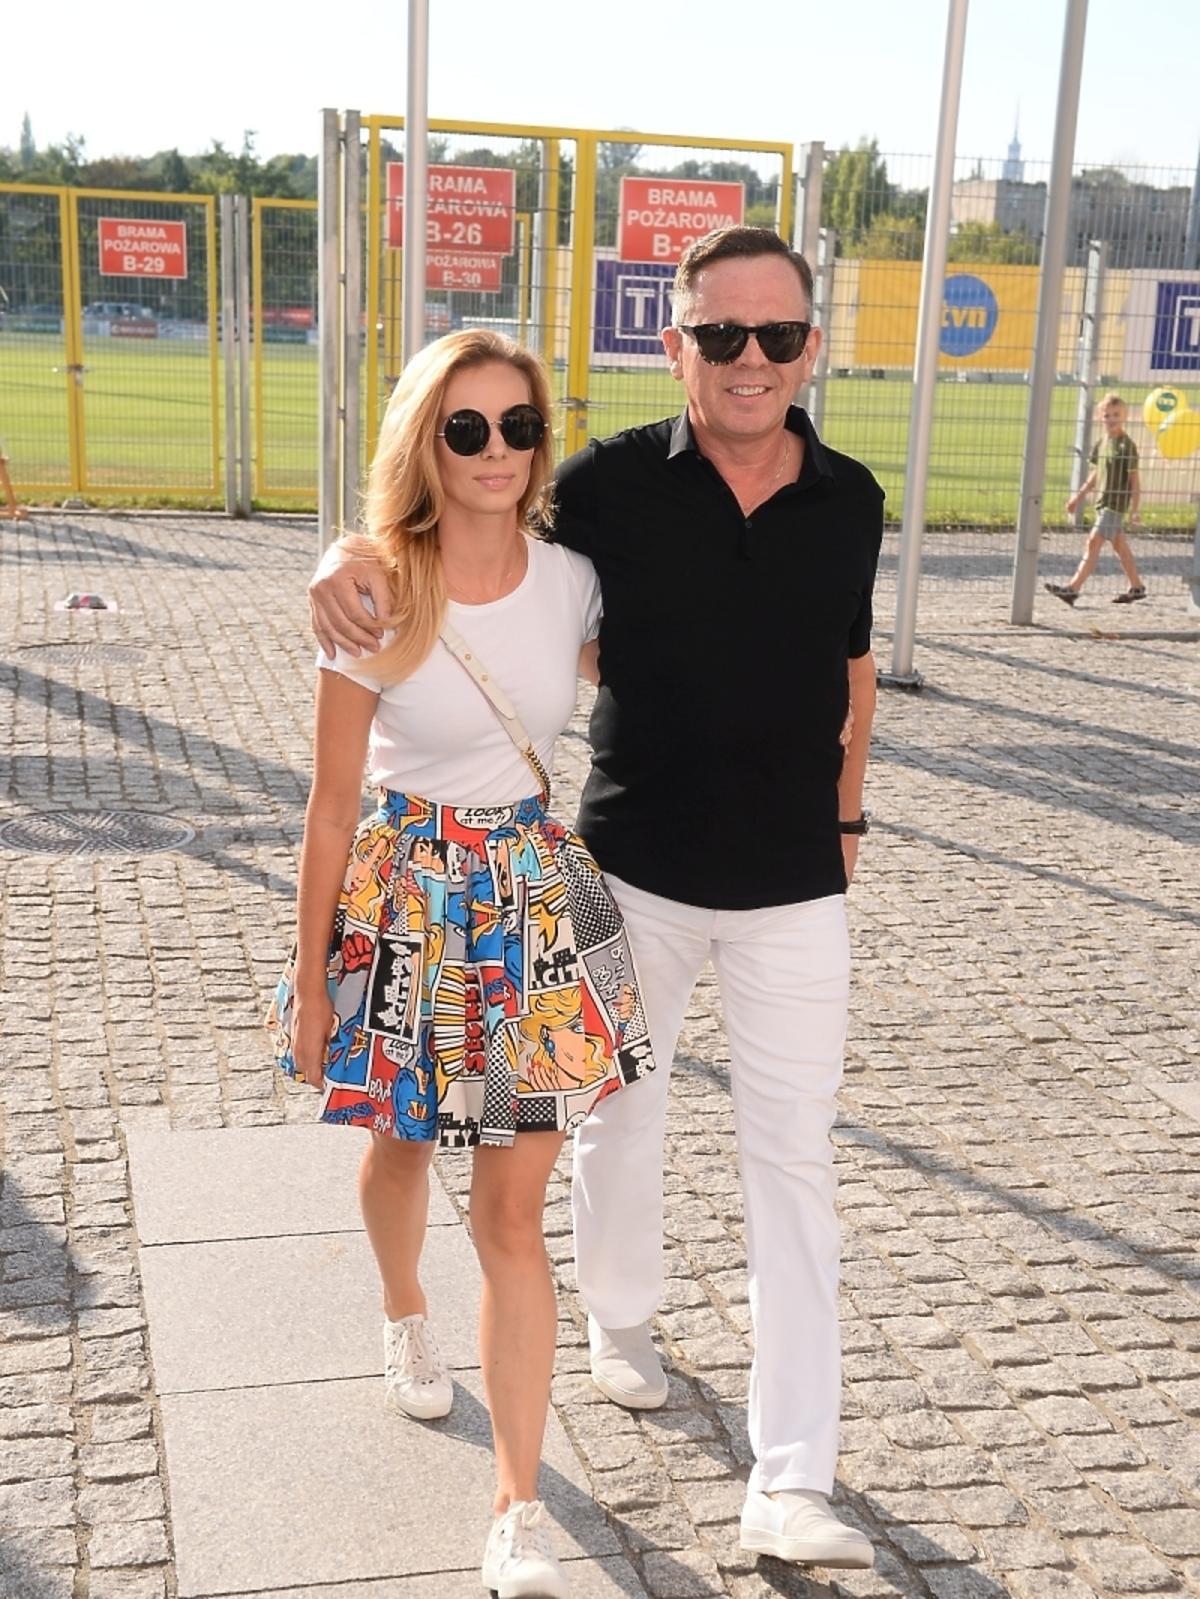 Izabela Janachowska z mężem Krzysztofem Jabłońskim mecz Gwiazdy TVP Gwiazdy TVN 2015